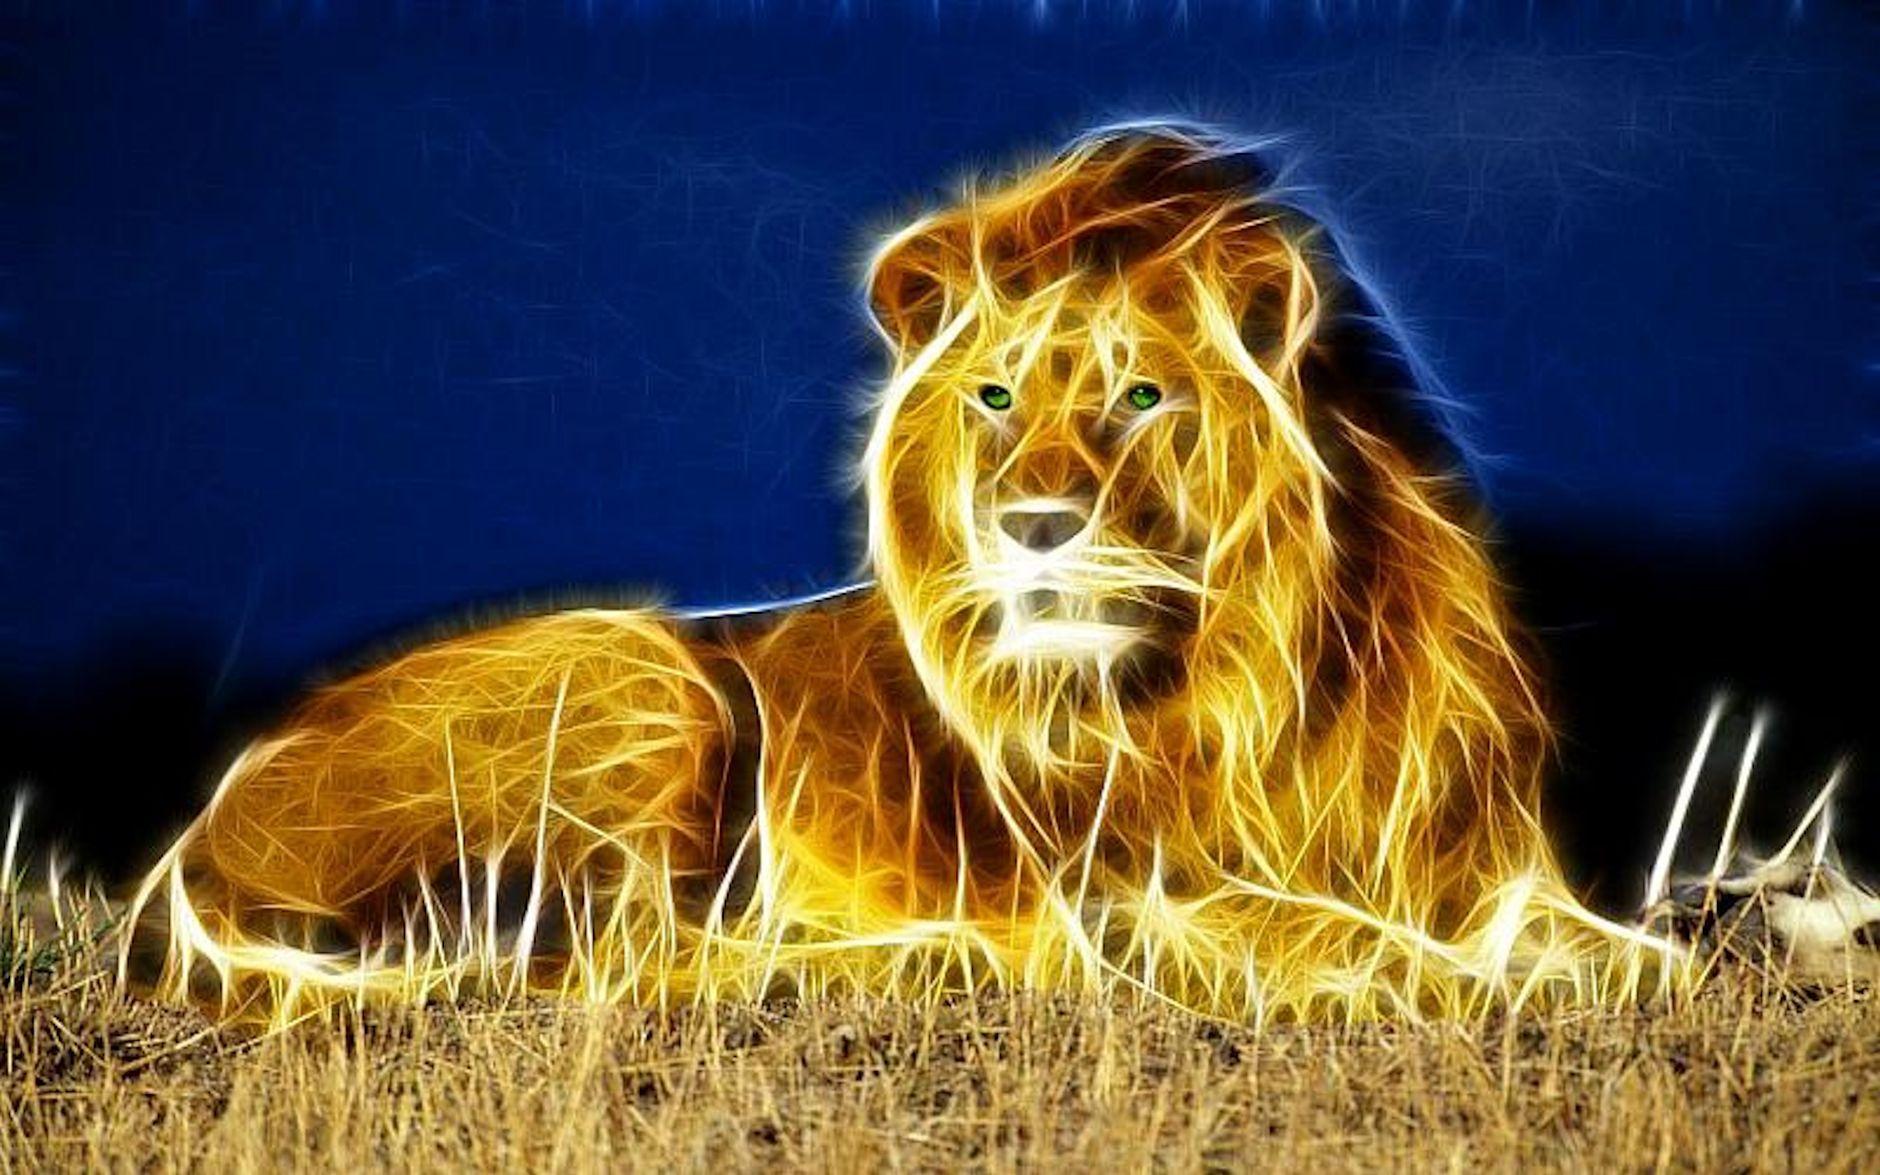 Nature Wallpaper - High Resolution Lion Wallpaper Hd , HD Wallpaper & Backgrounds